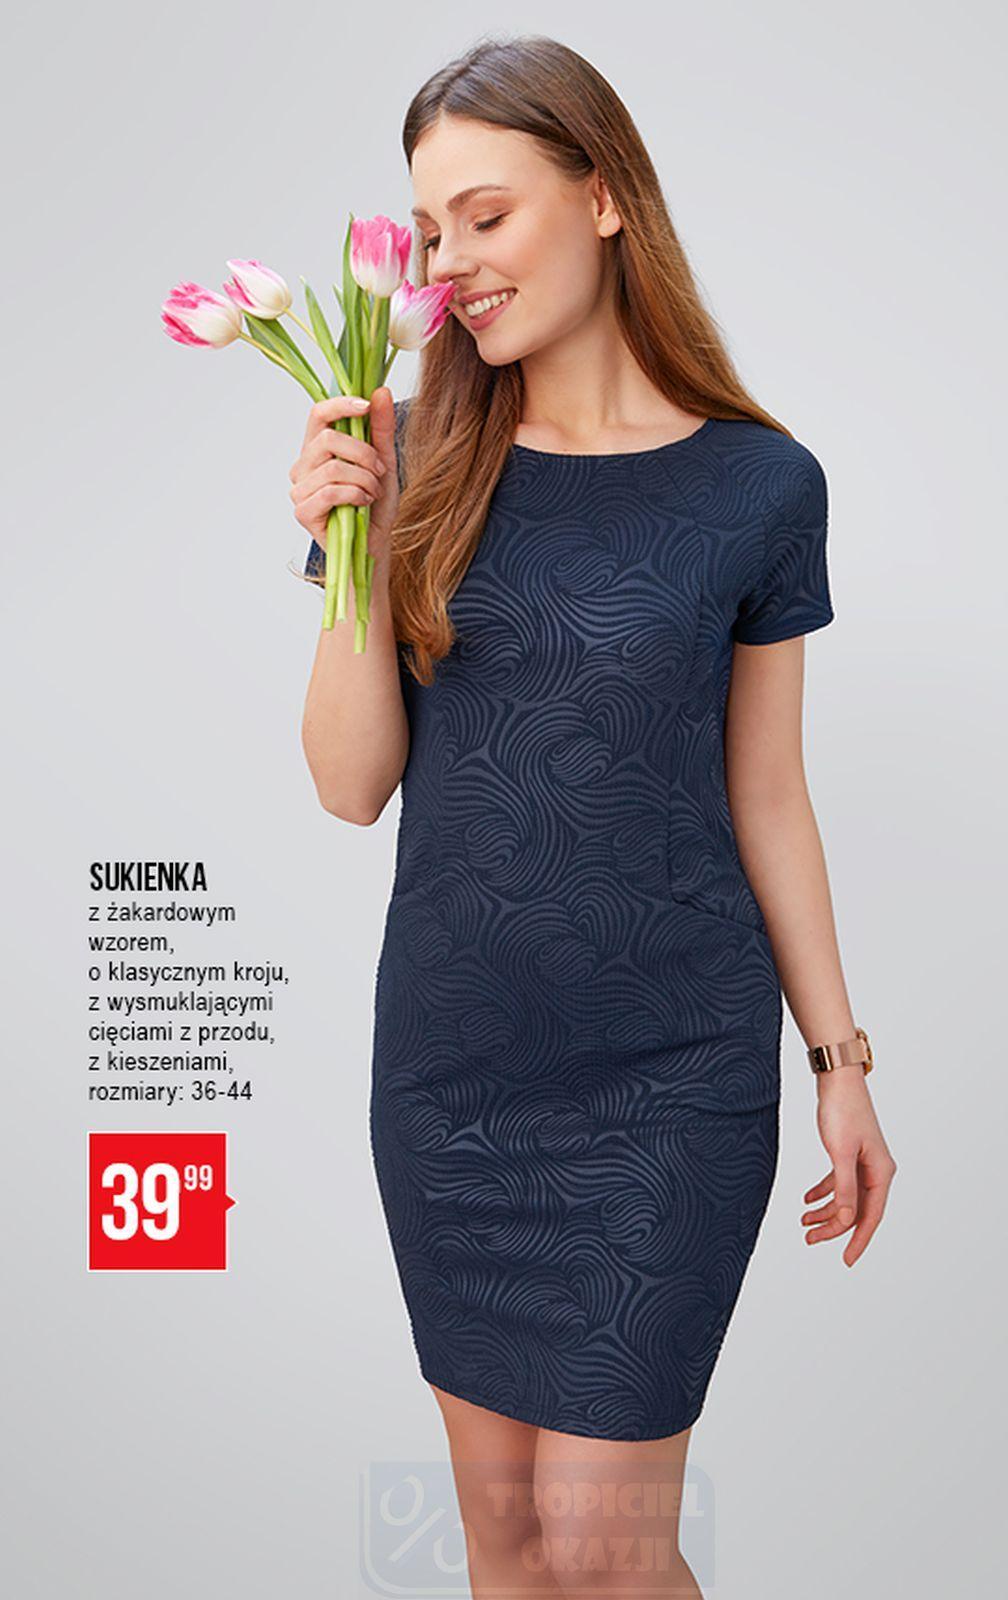 Gazetka promocyjna Pepco do 21/05/2020 str.1